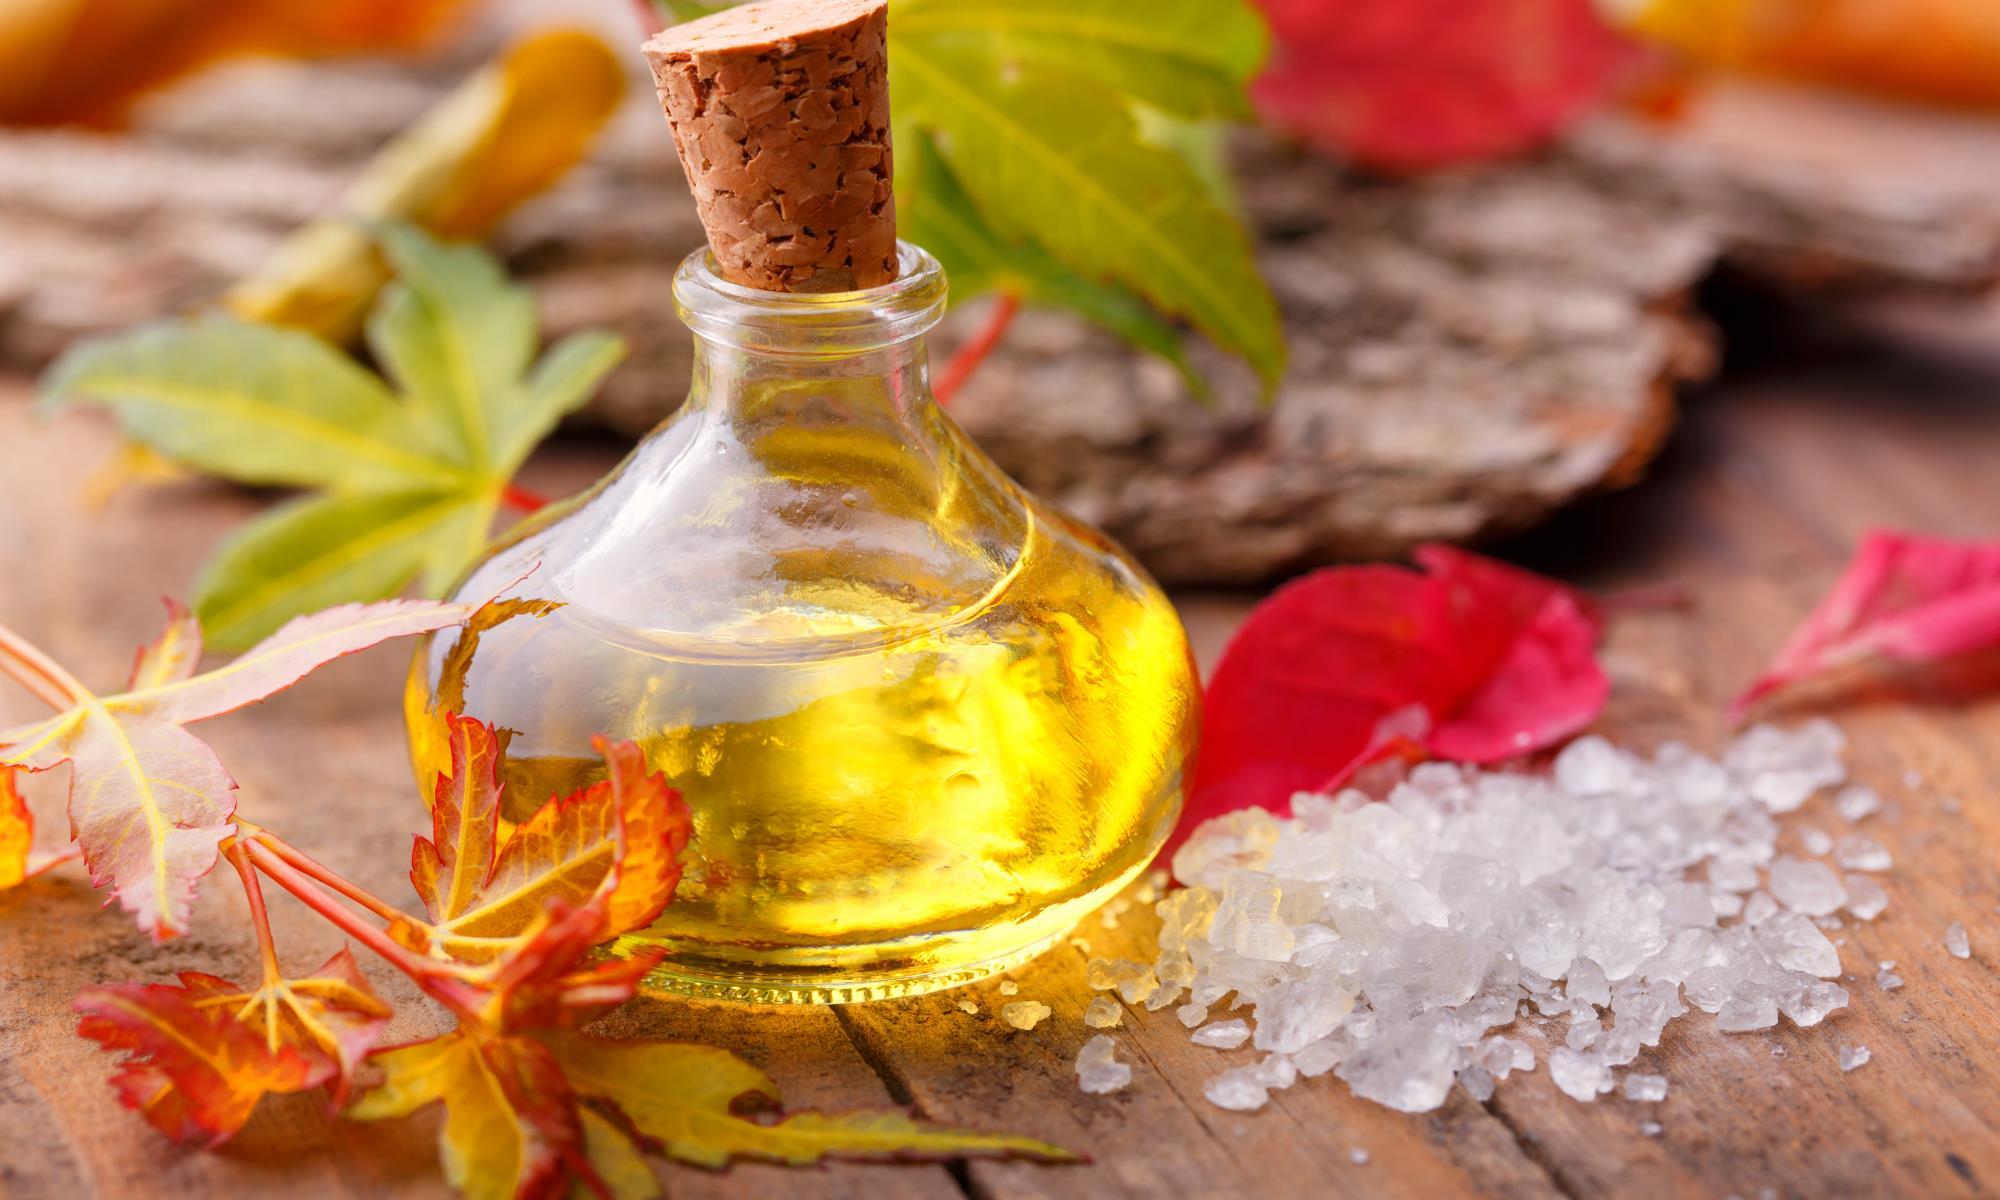 Flaske med olie, korkprop med dødehavssalt og forårsblade